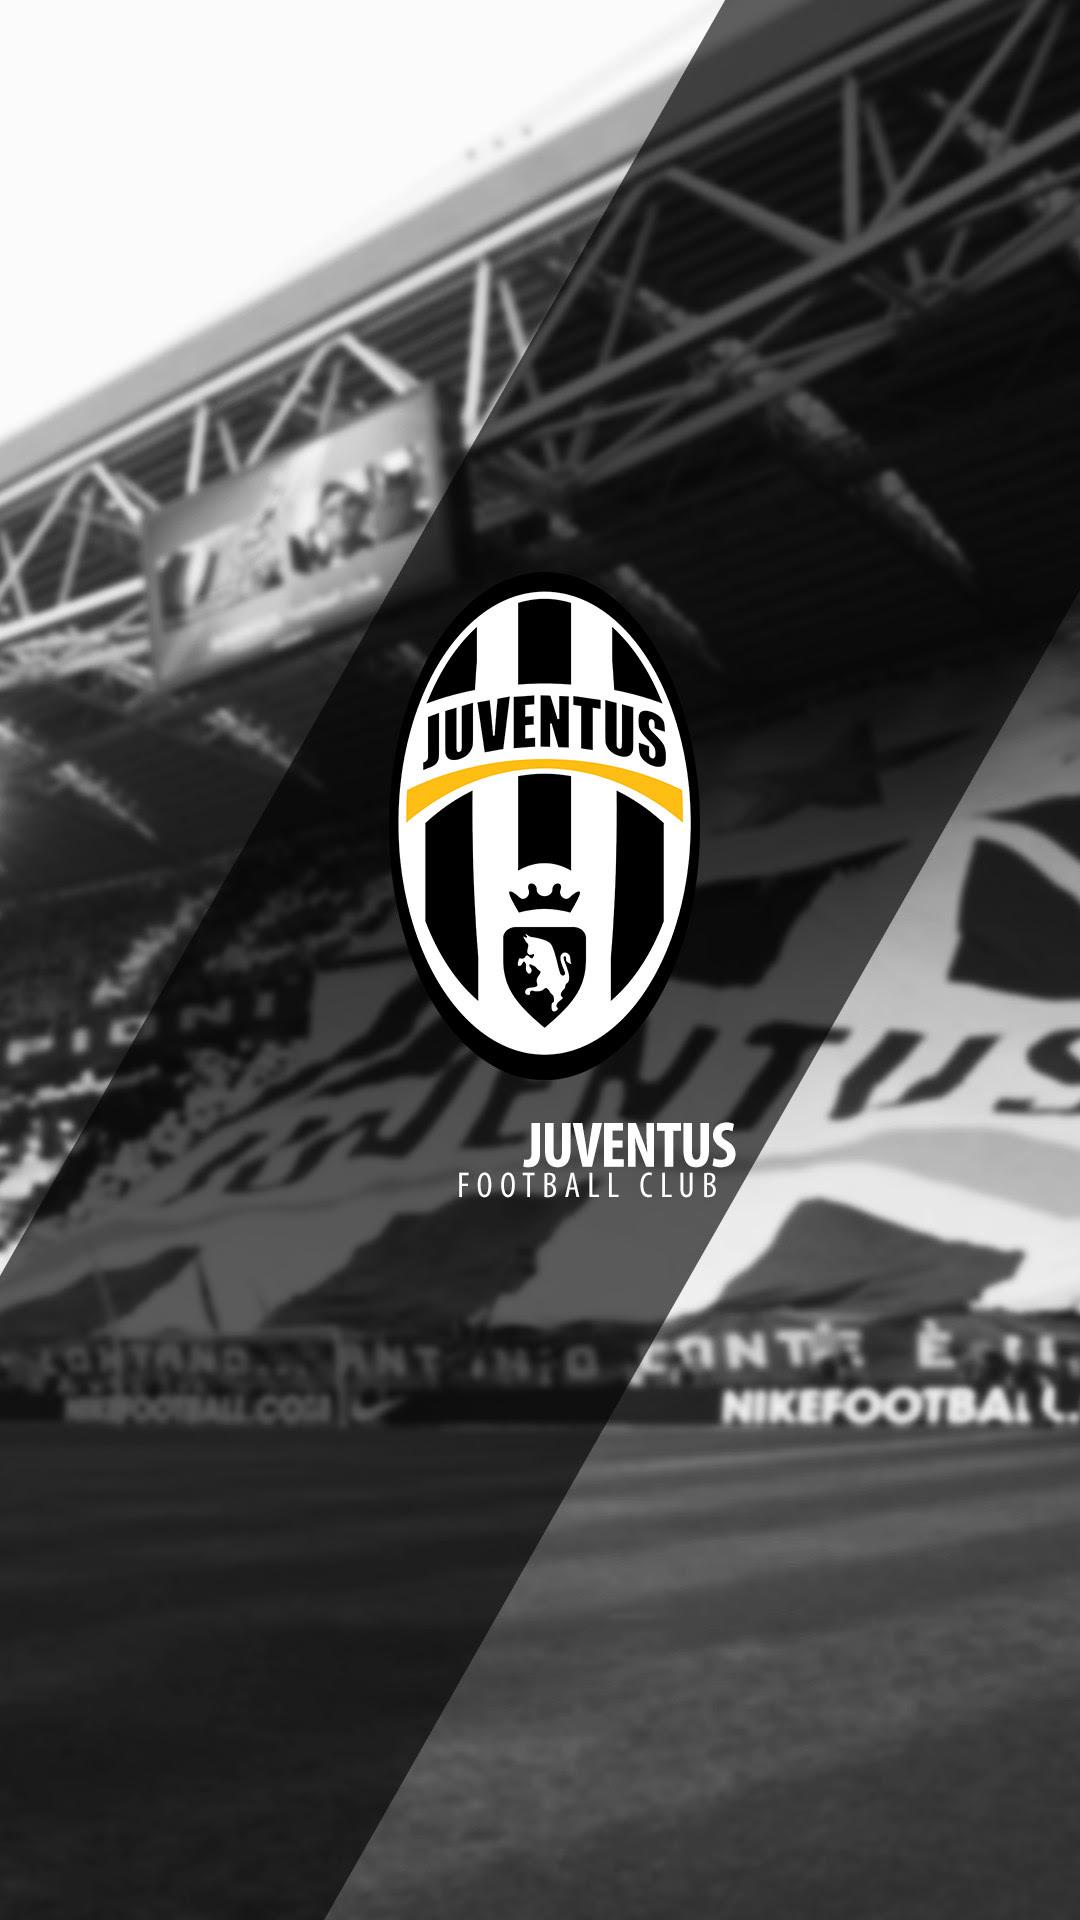 Logo Juventus Wallpaper 2018 75+ images